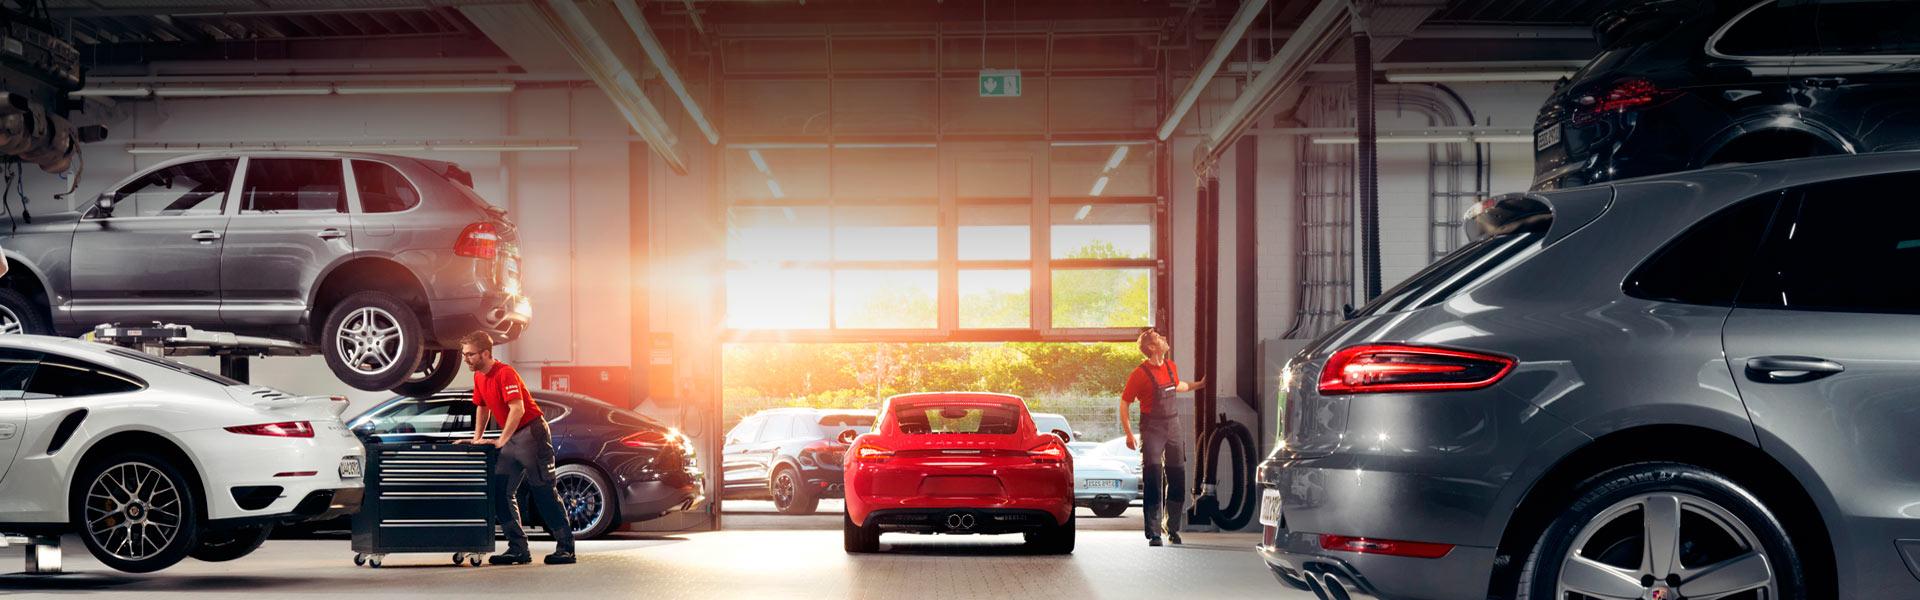 Замена свечей Porsche